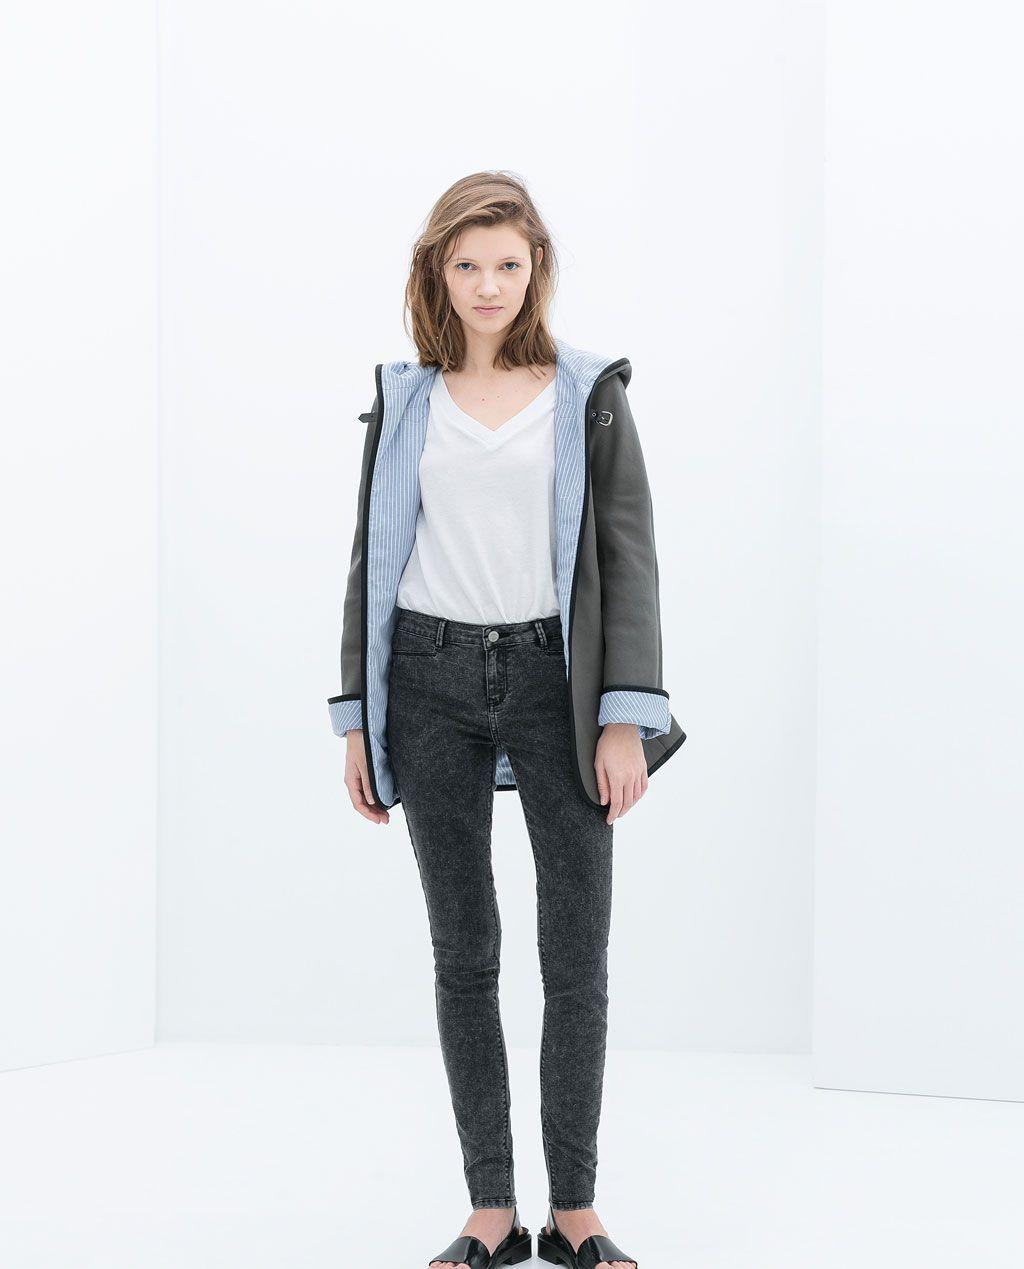 Zara trf jeans jacke